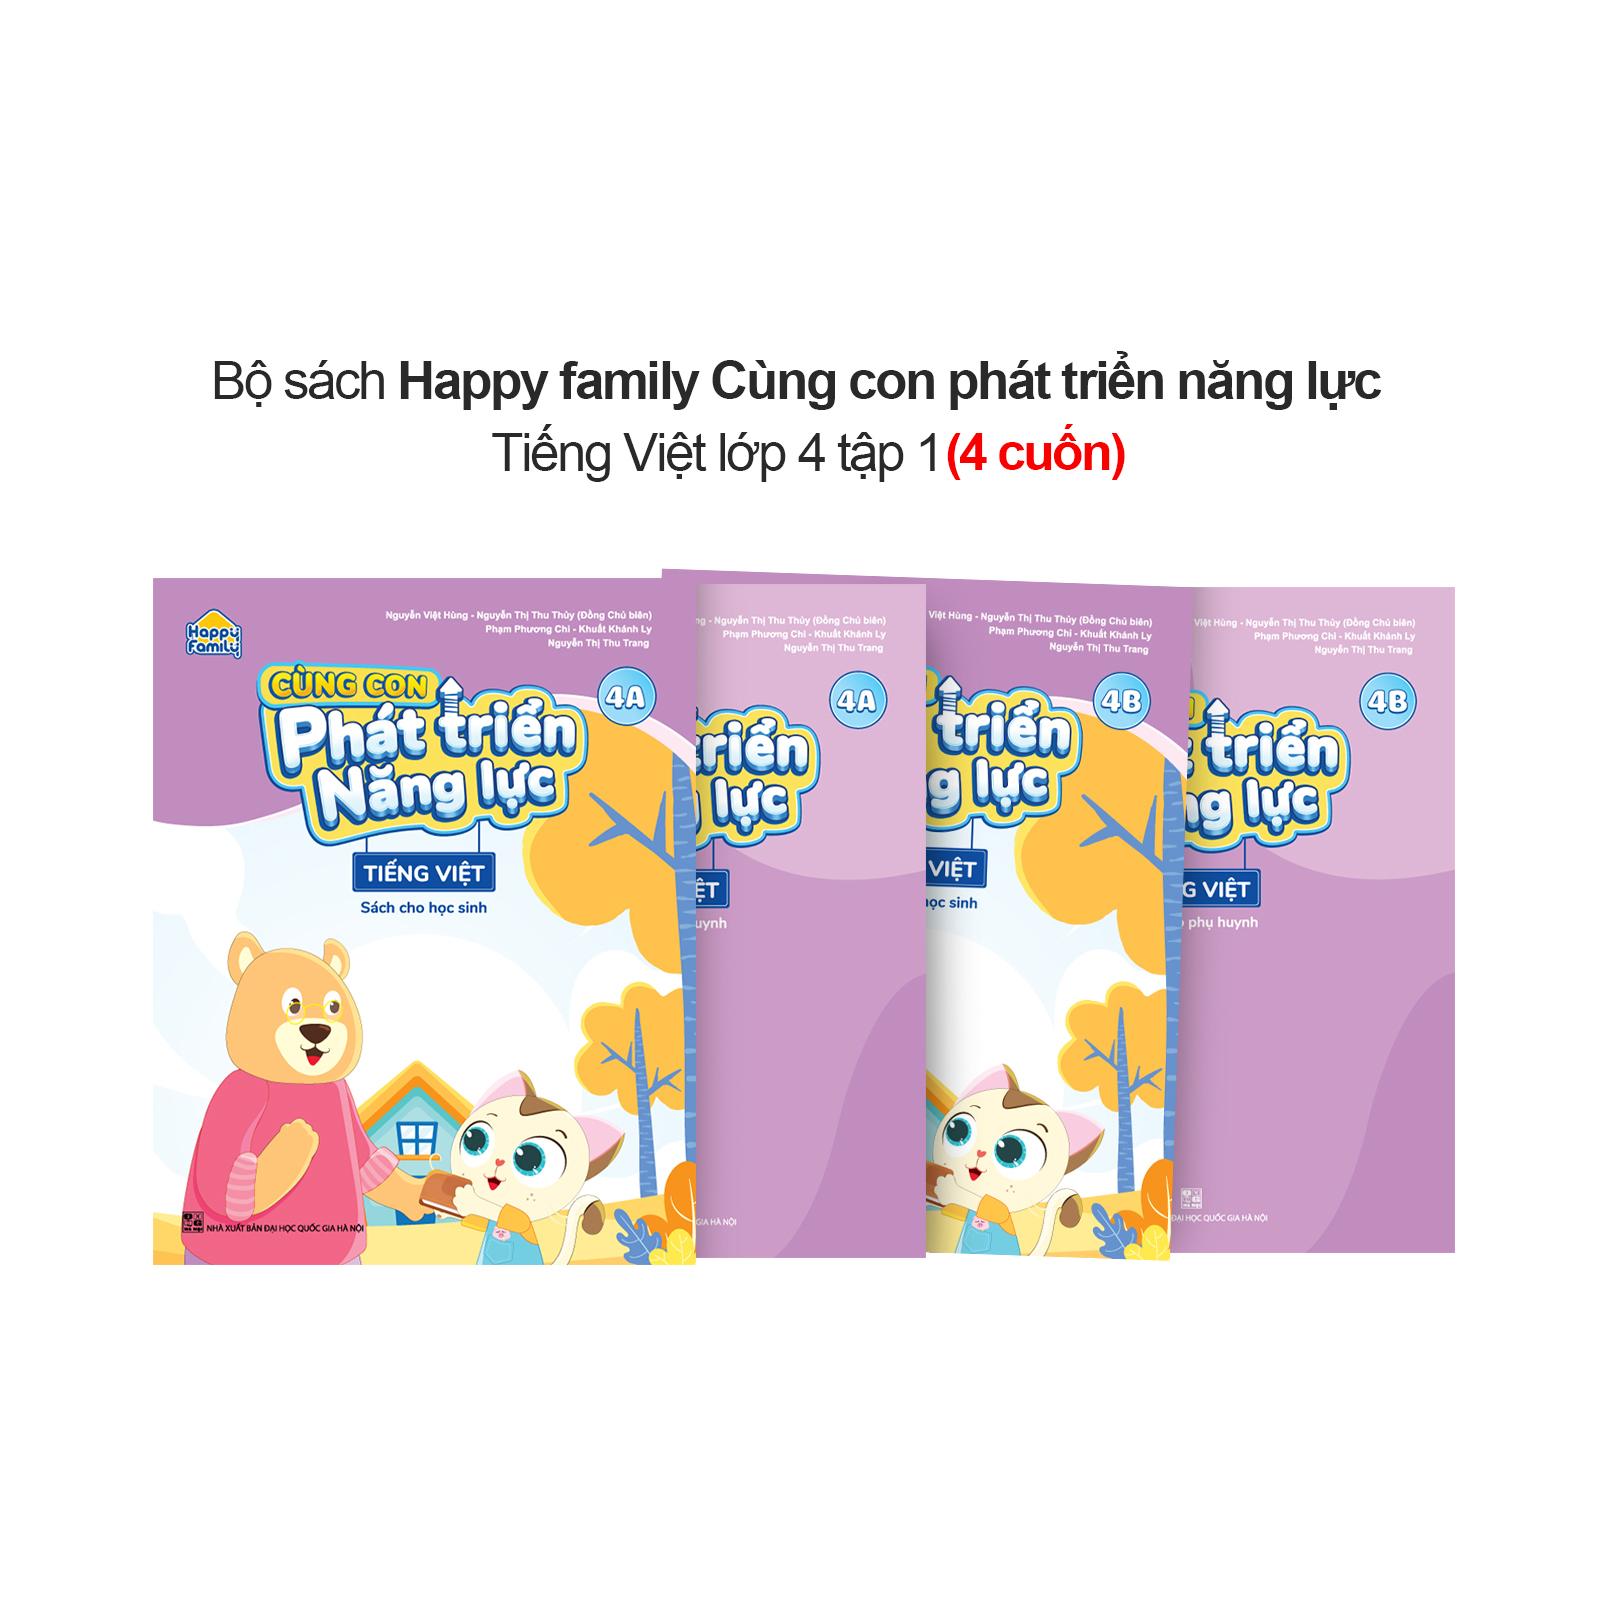 Bộ 4 cuốn Happy family Cùng con phát triển năng lực Tiếng Việt lớp 4 tập 1